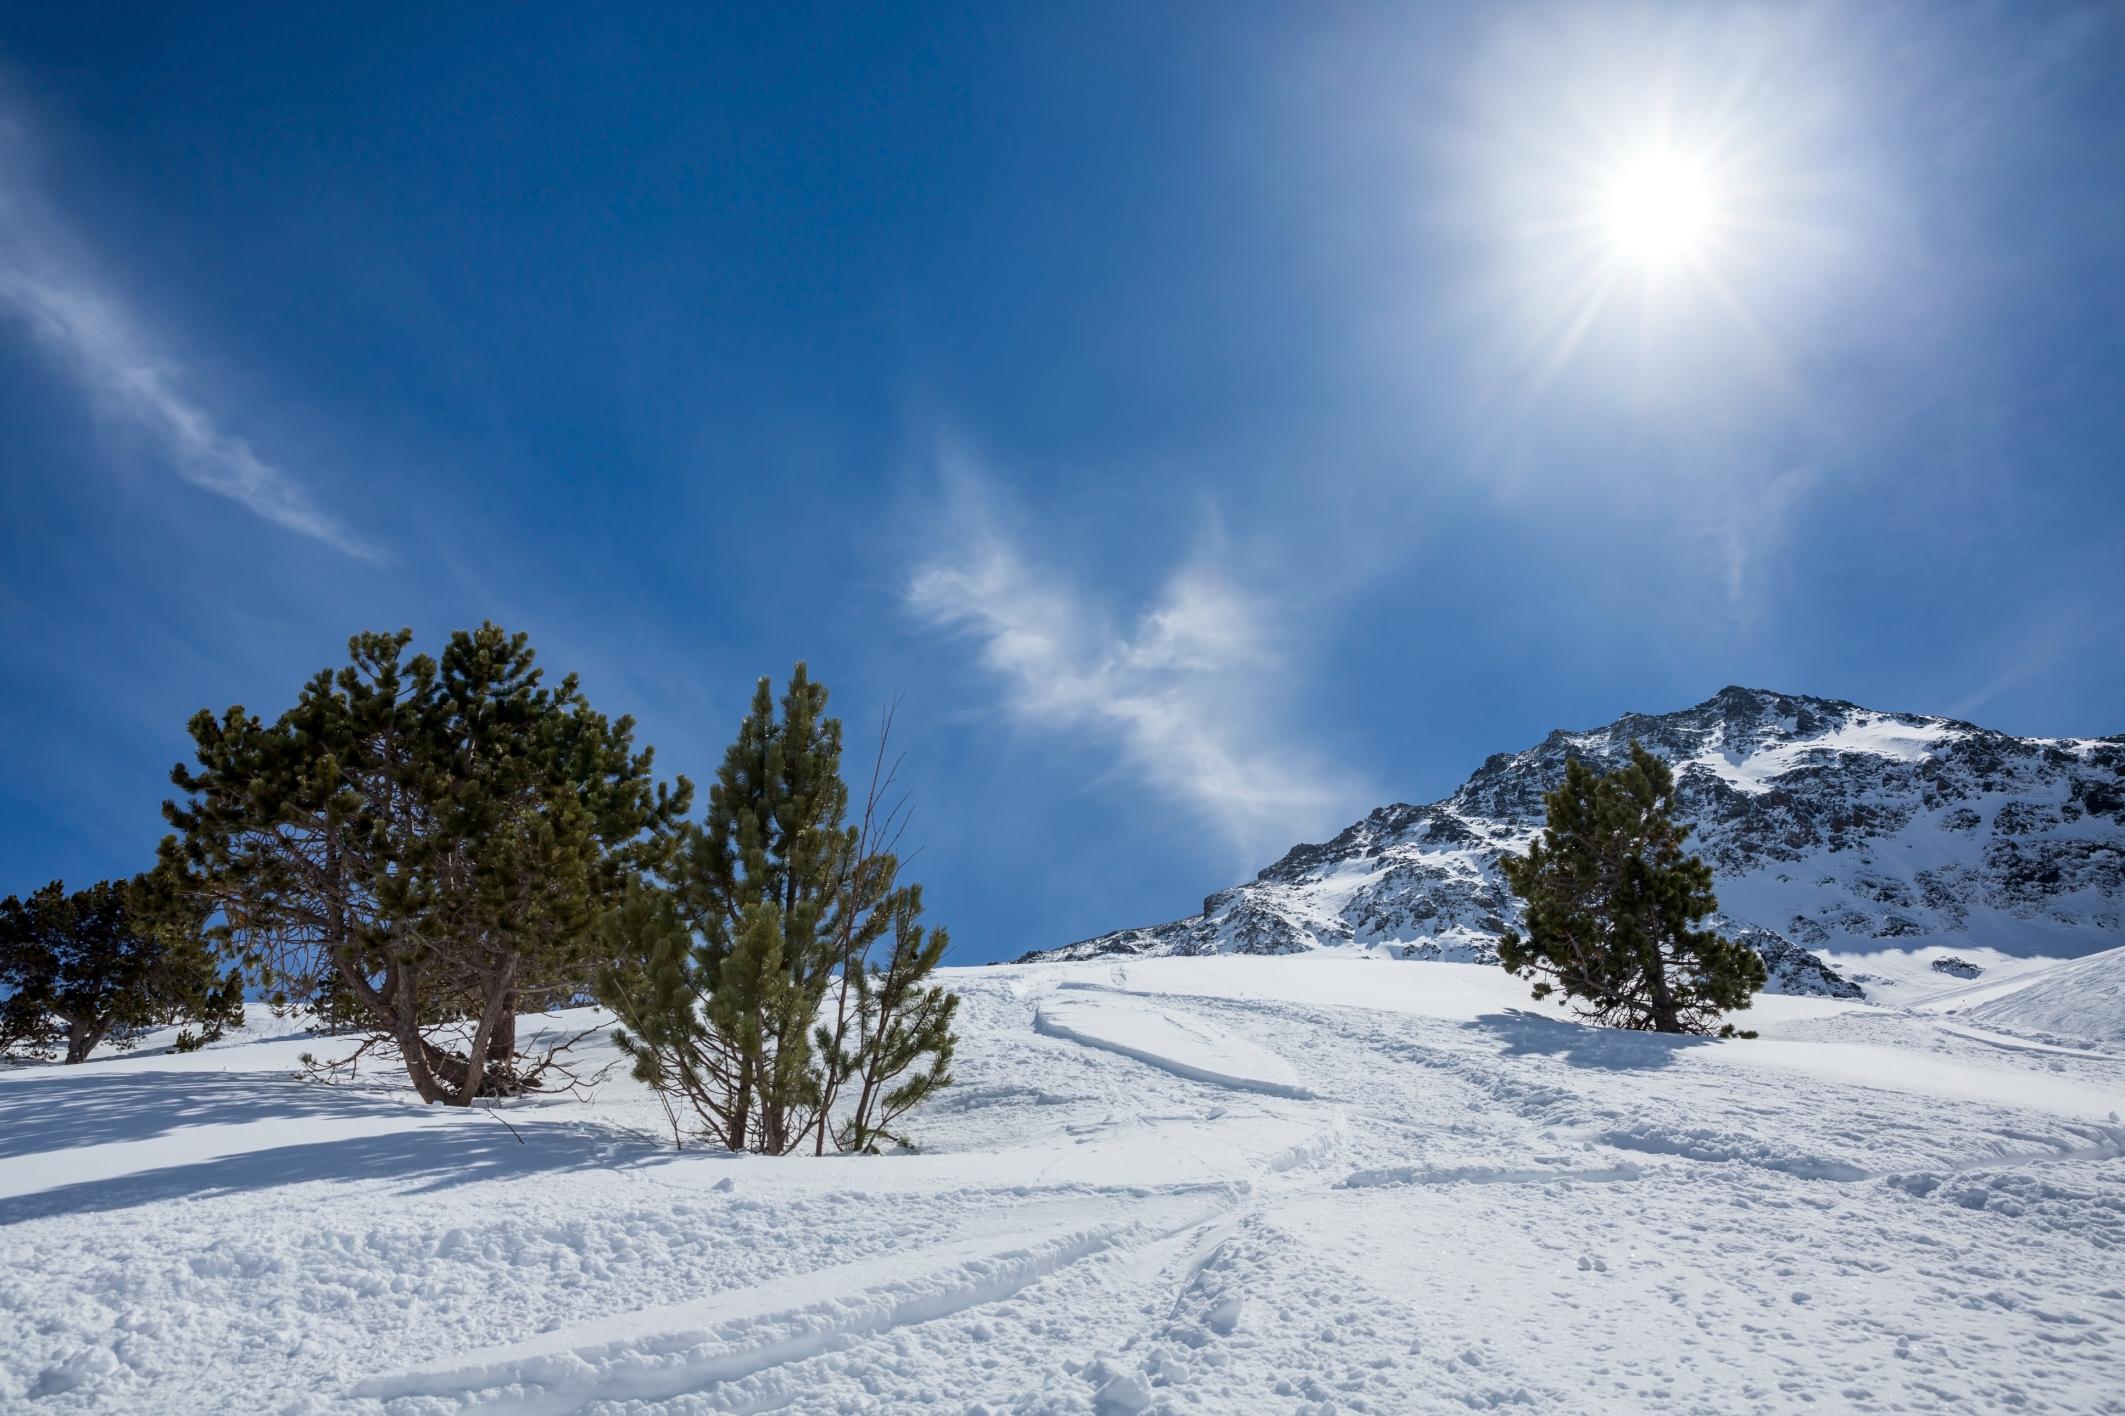 Χιονισμένο τοπίο - οι 11 καλύτεροι χειμερινοί προορισμοί στην Ελλάδα